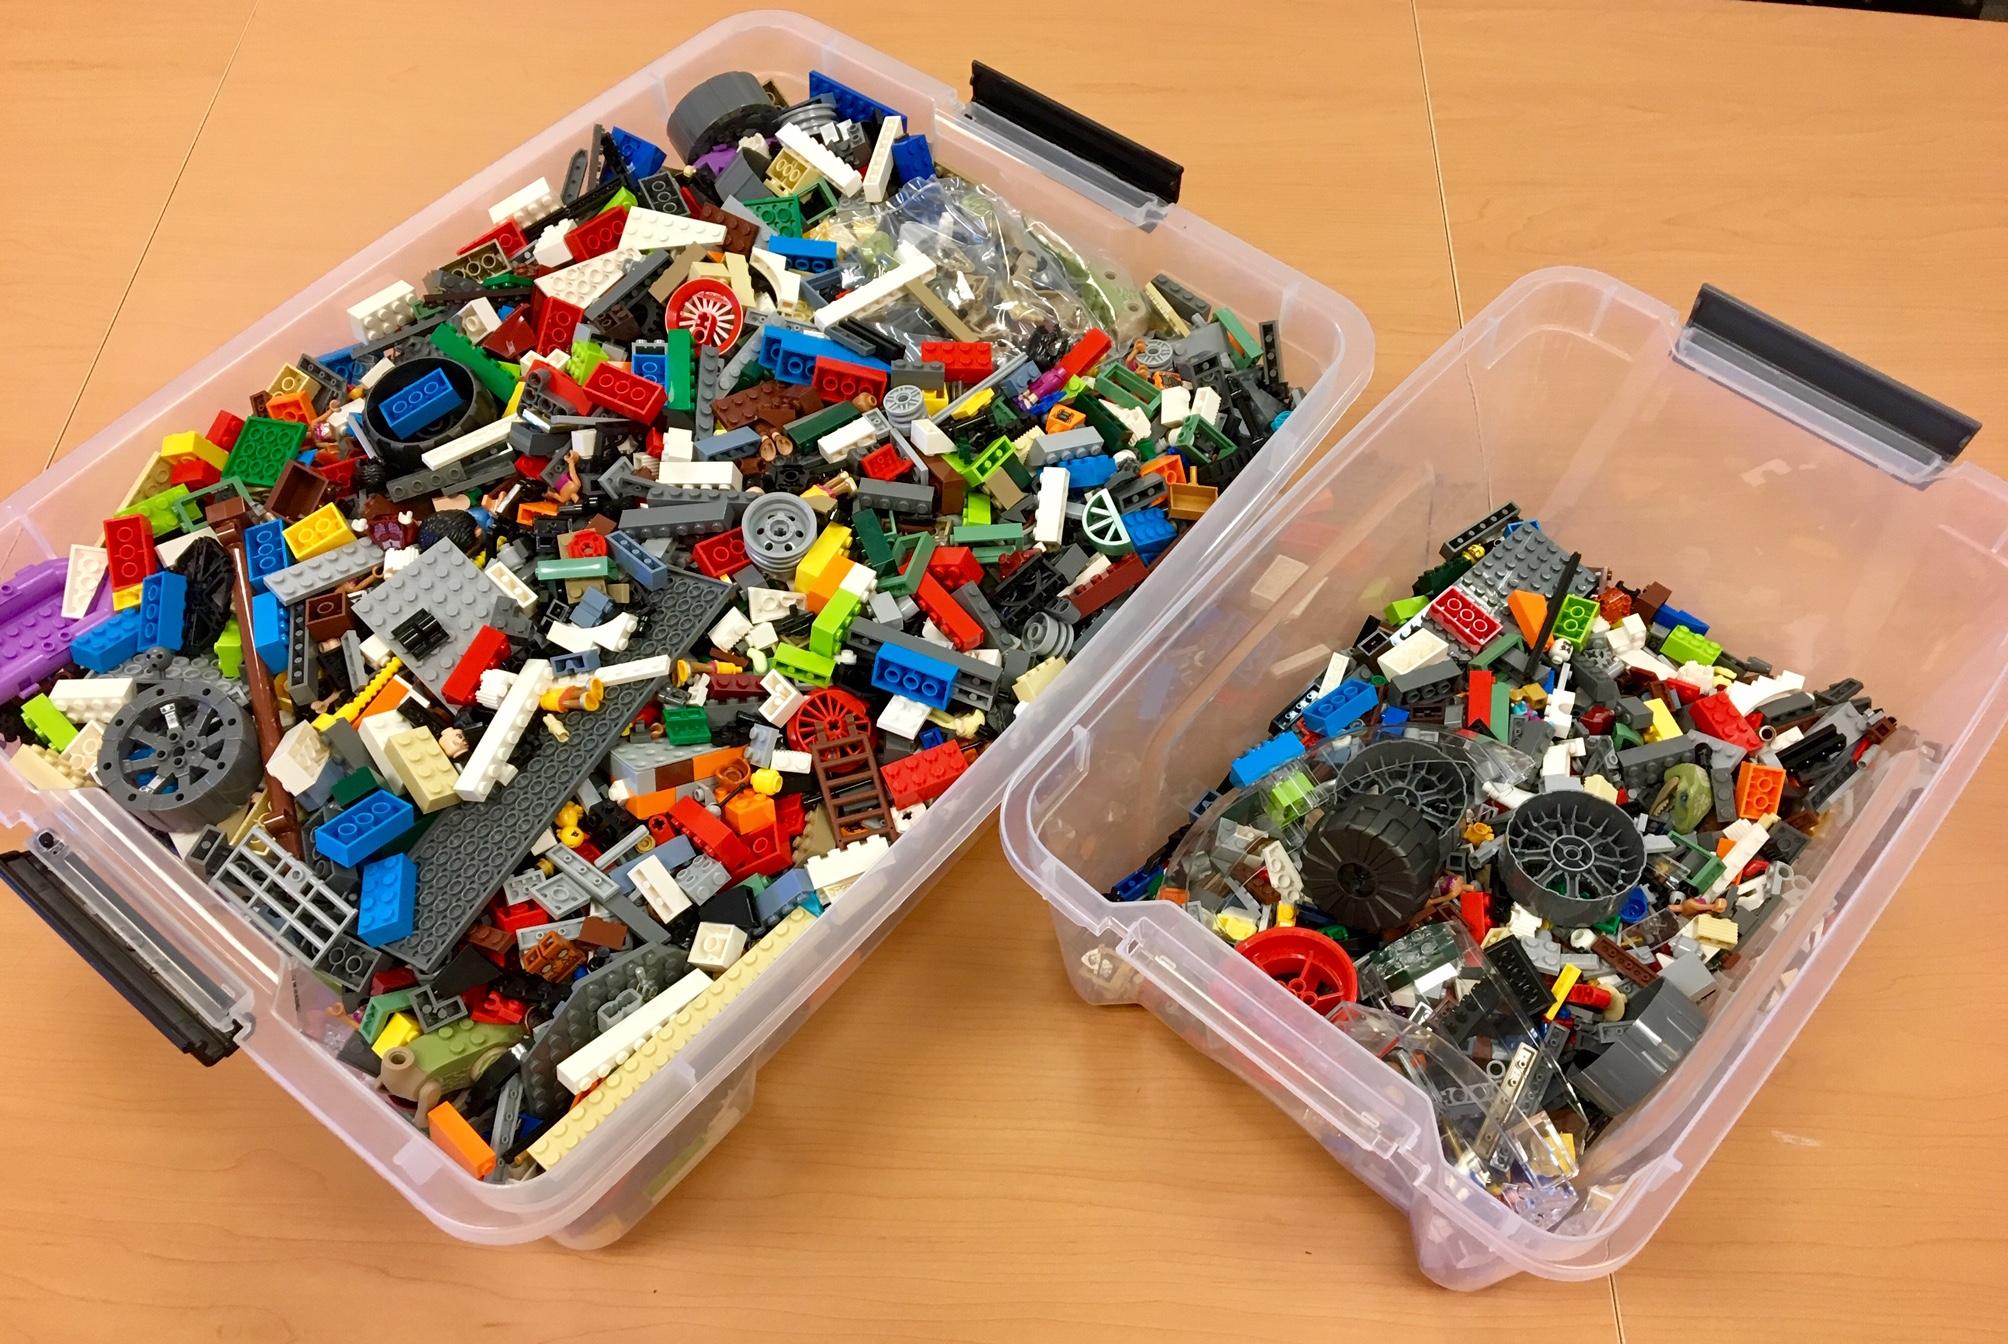 Lego™ Boxes